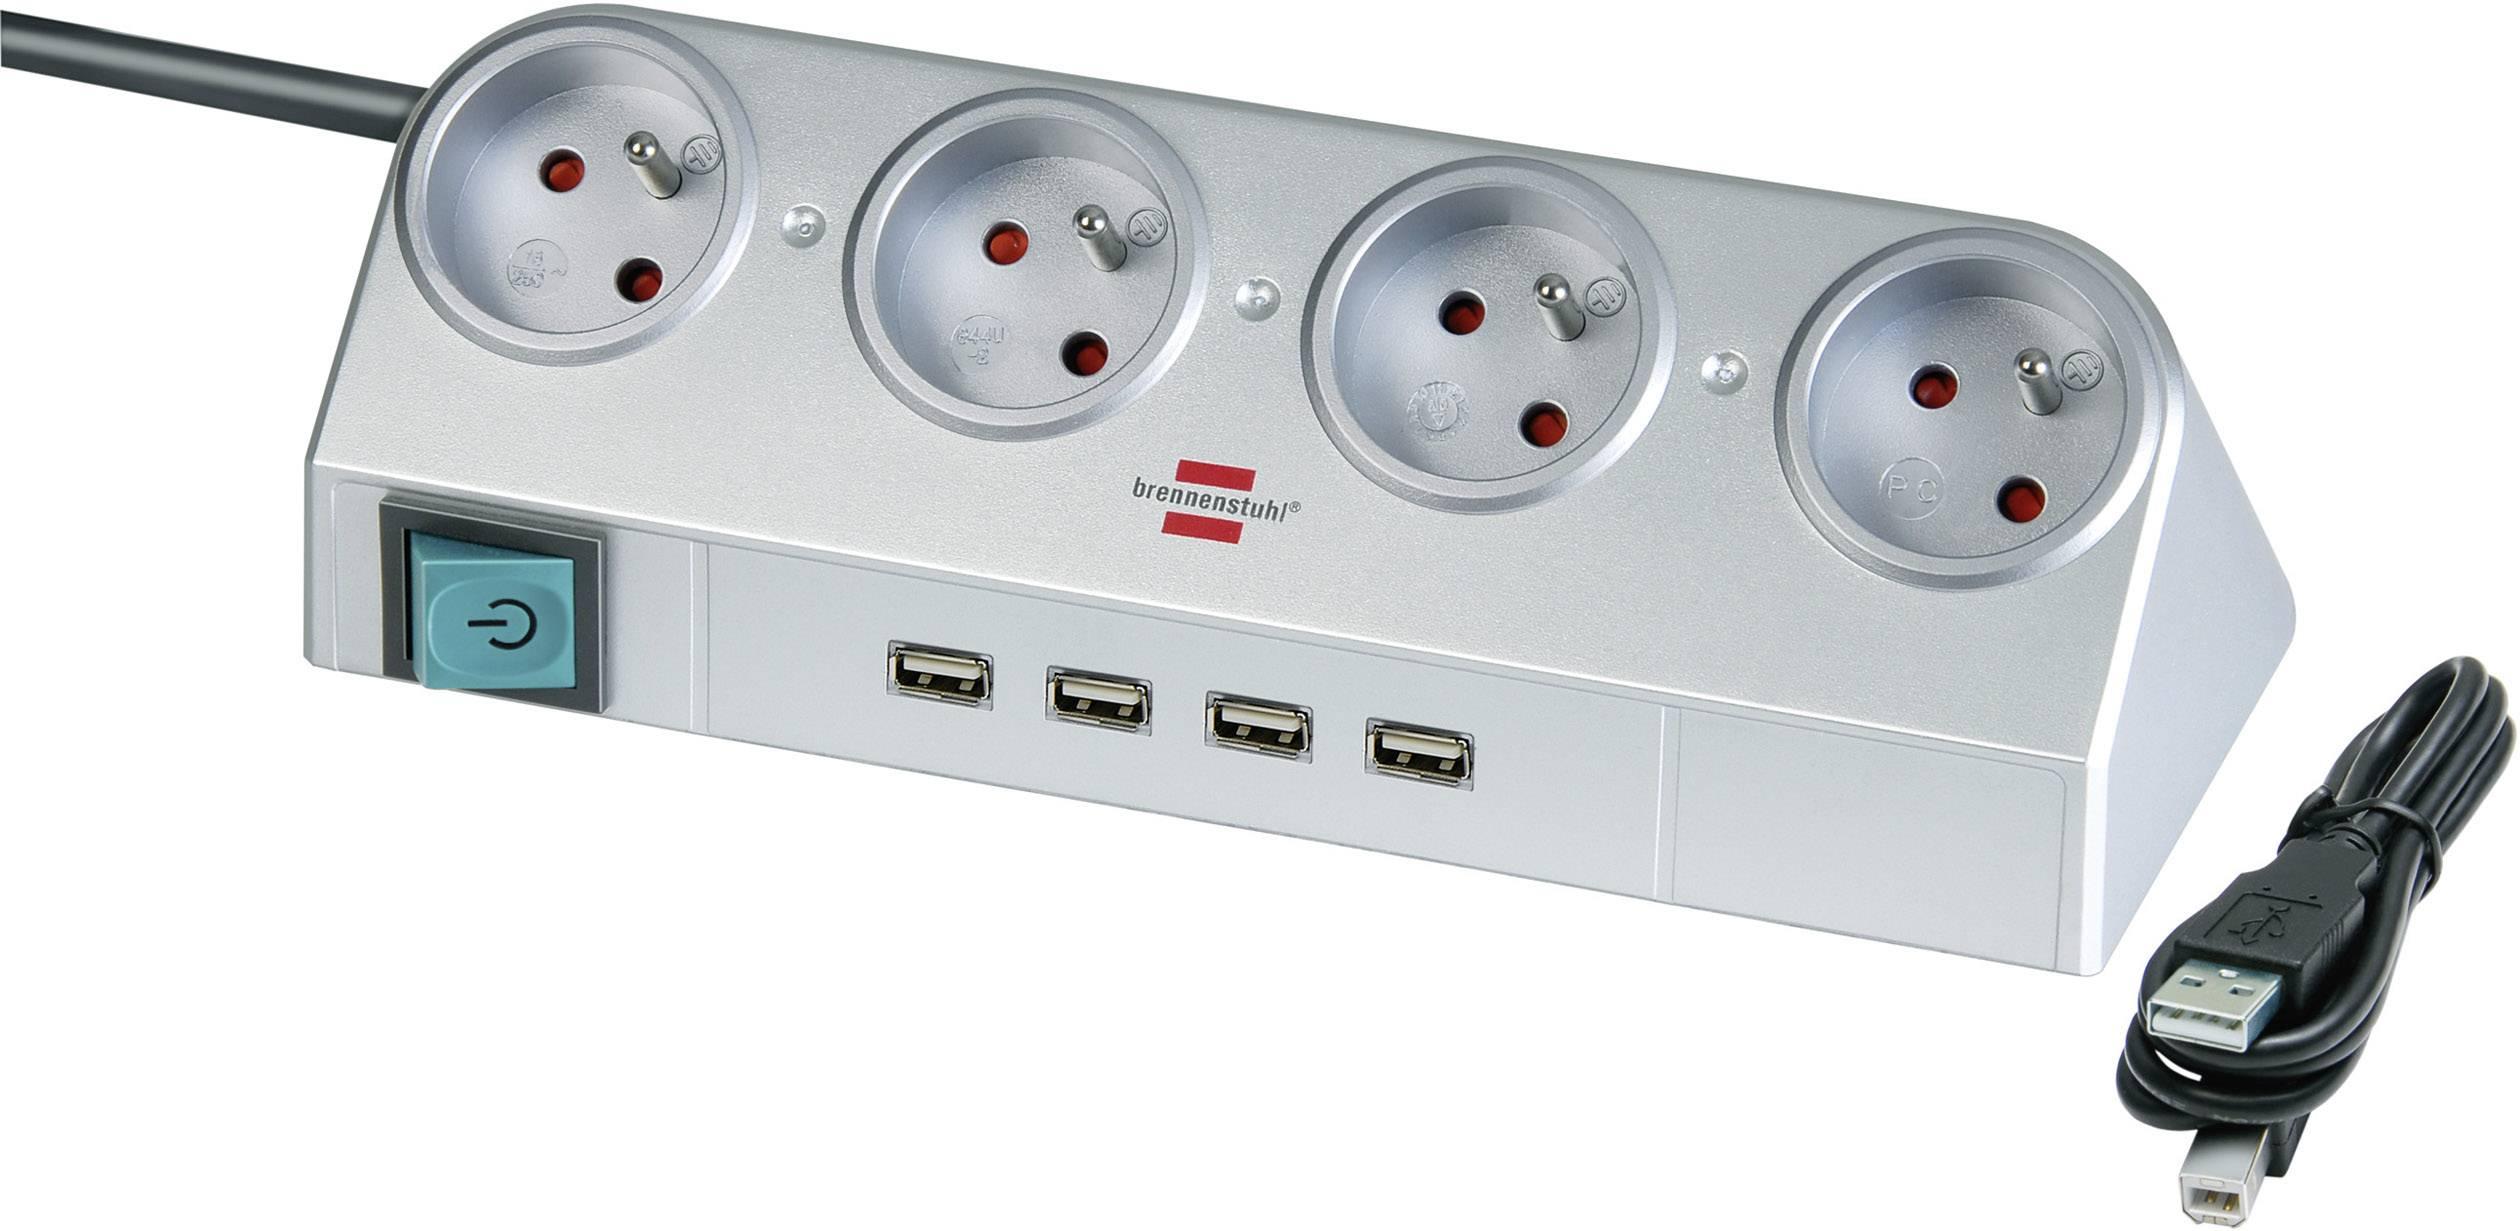 Zásuvková lišta Brennenstuhl 1153541134, master / slave, 4x, USB hub, CZ